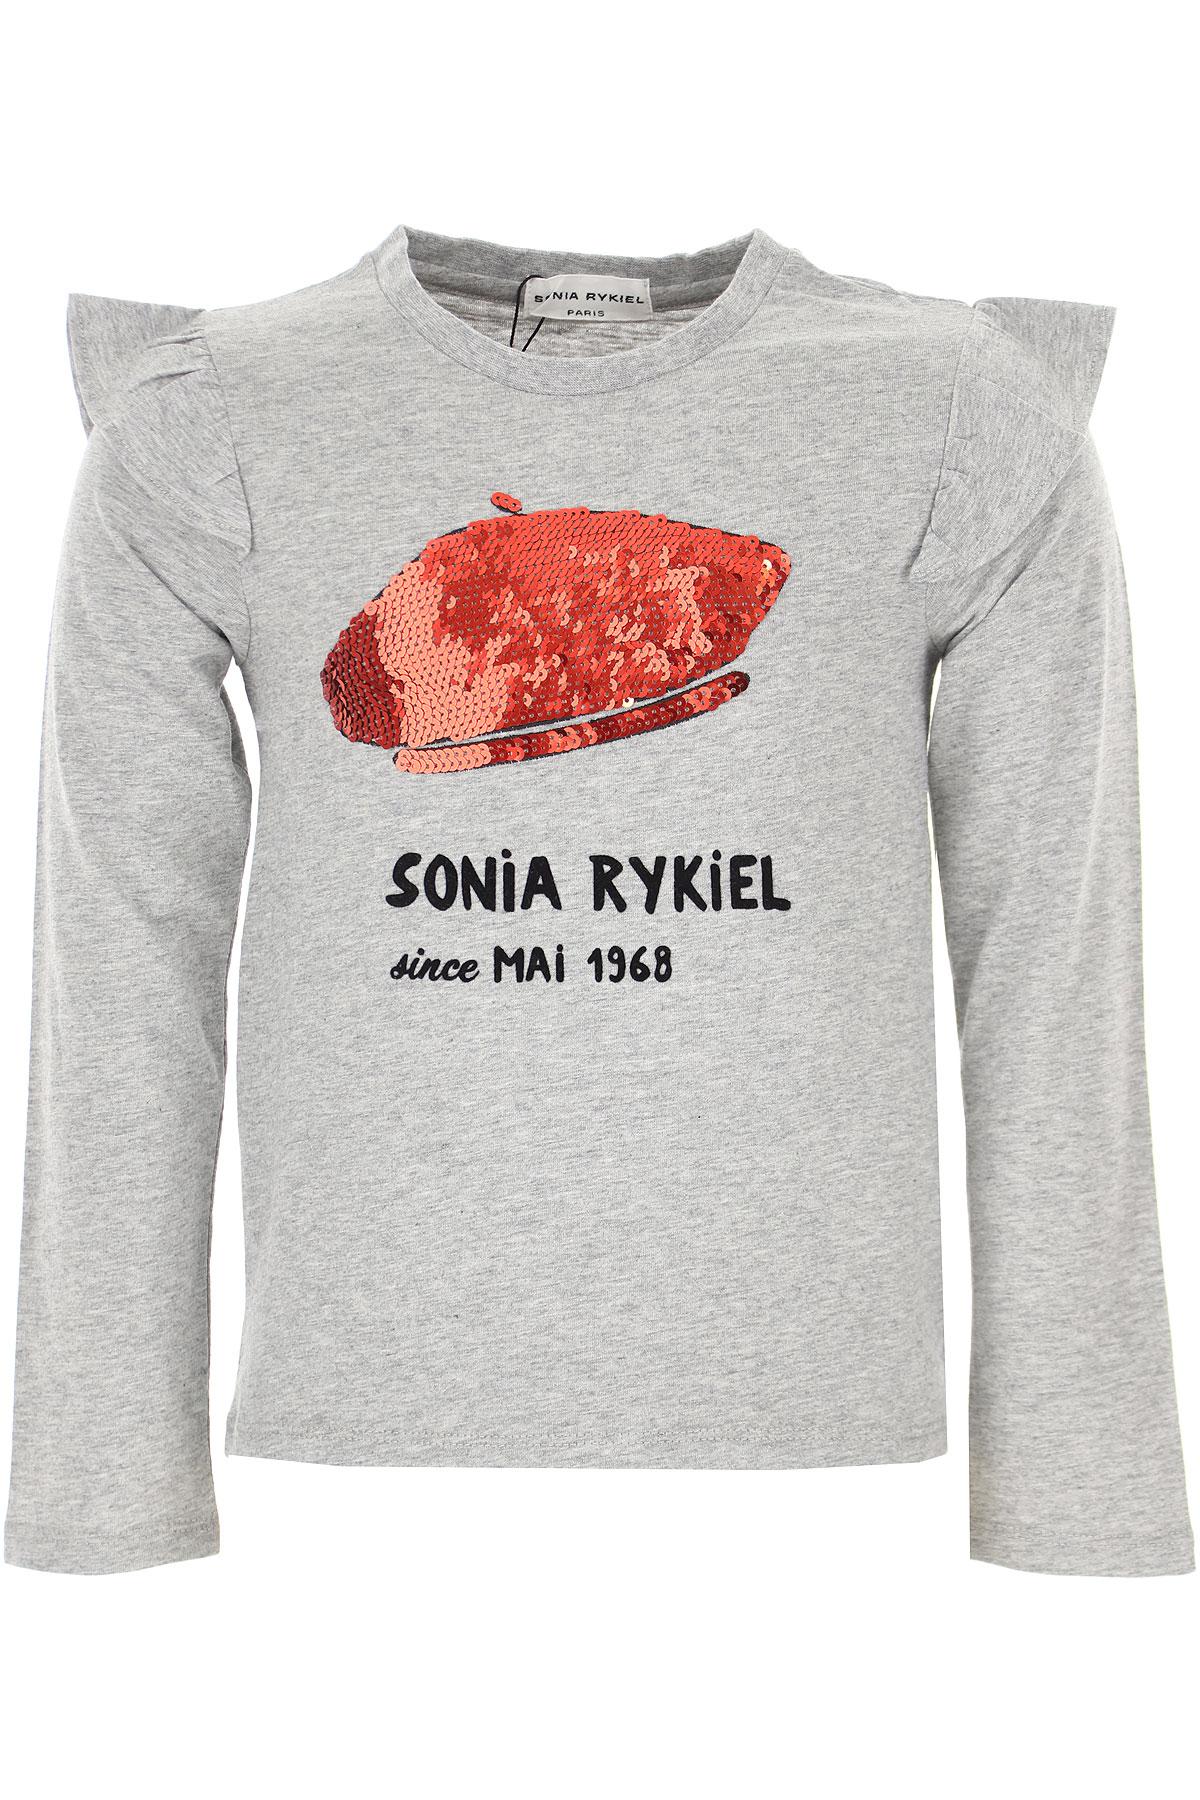 Sonia Rykiel Kids T-Shirt for Girls On Sale, Grey, Cotton, 2019, 10Y 12Y 14Y 6Y 8Y